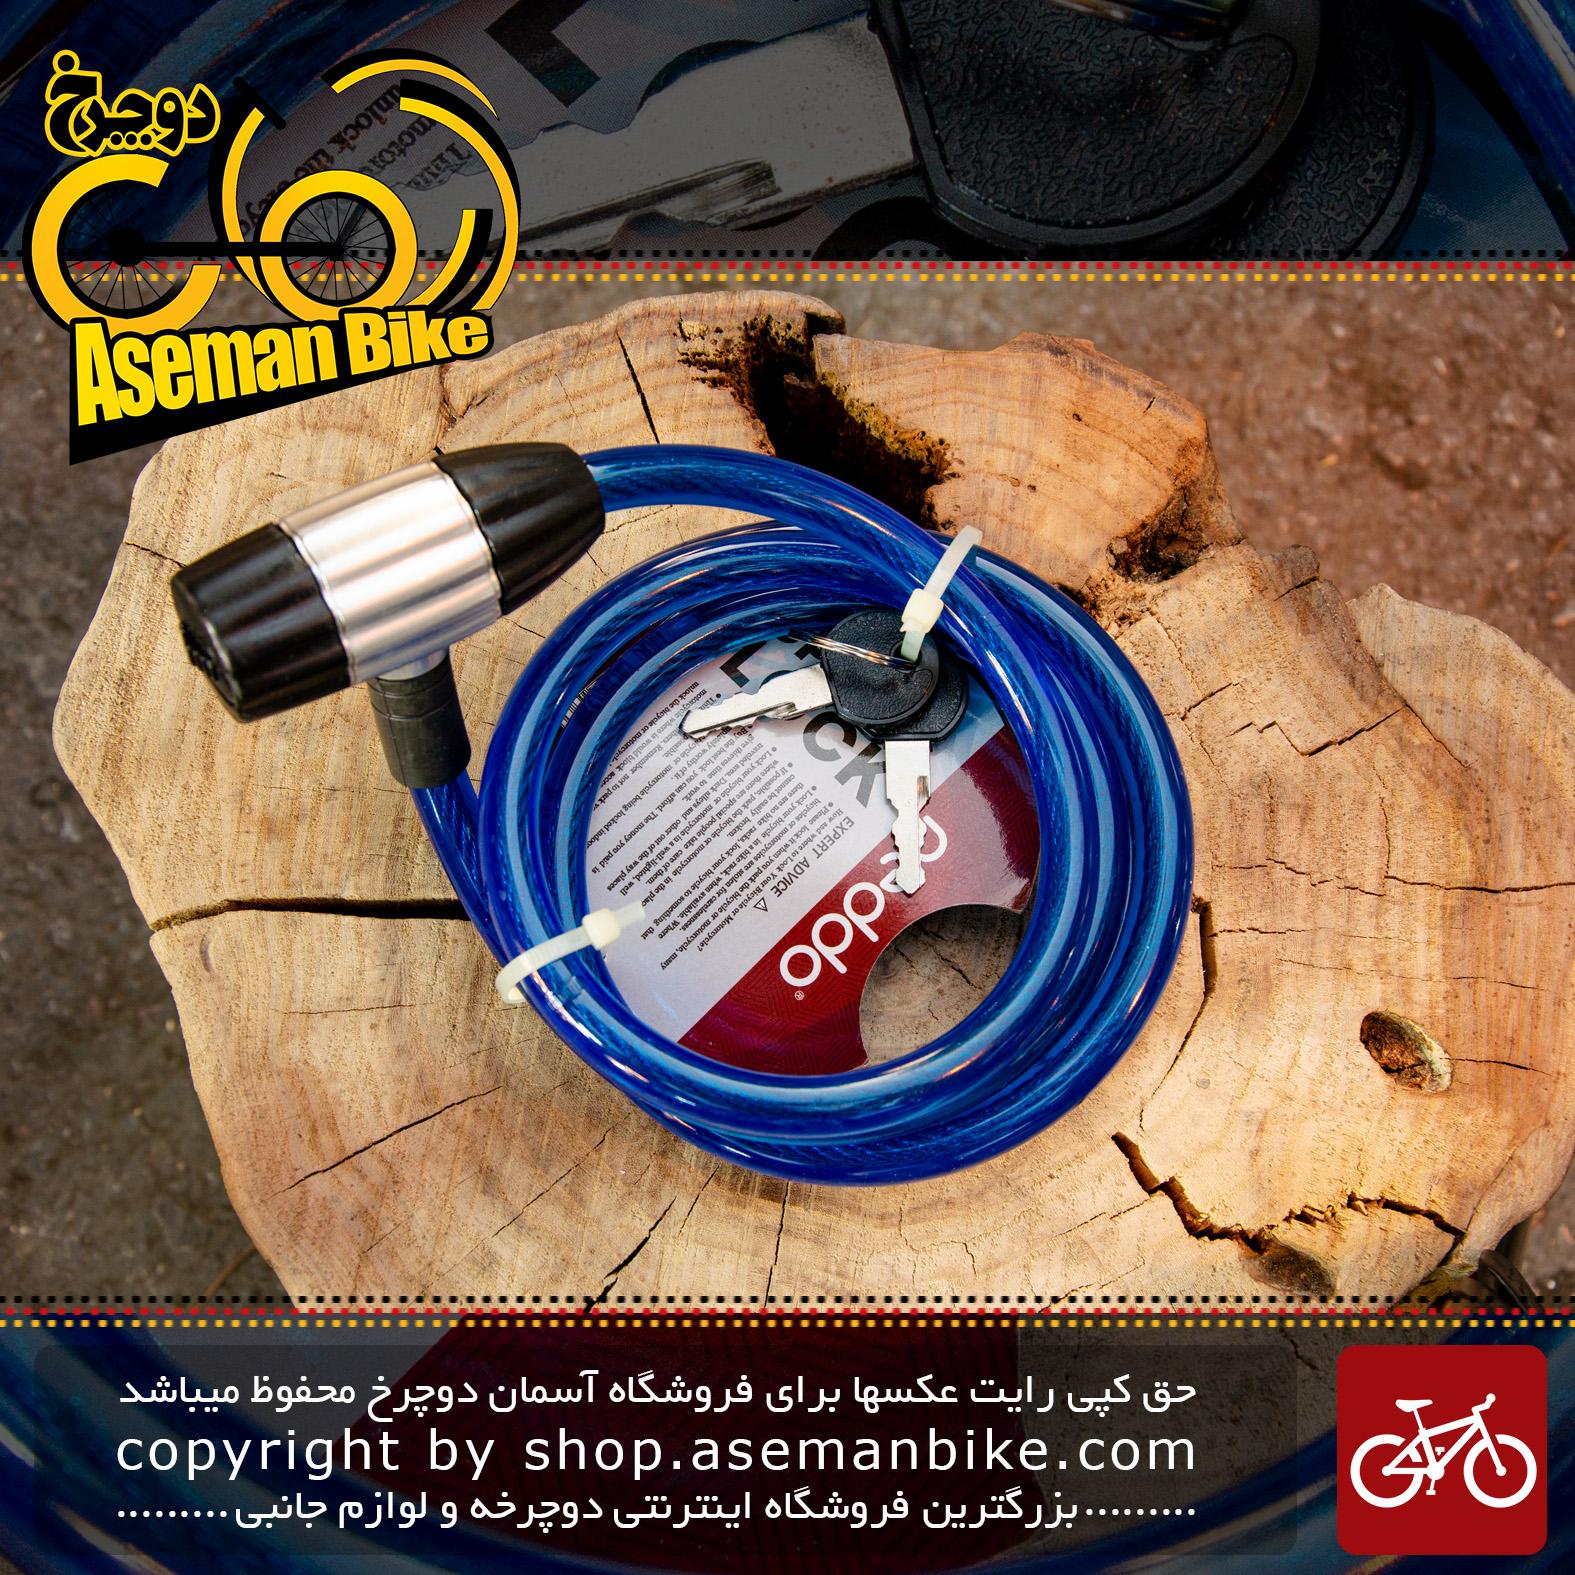 قفل دوچرخه برند ردو مدل 87125 سایز 12در 150 میلیمتر آبی Cable Lock For Bicycle Reddo Brand Model No.87125 12x150mm